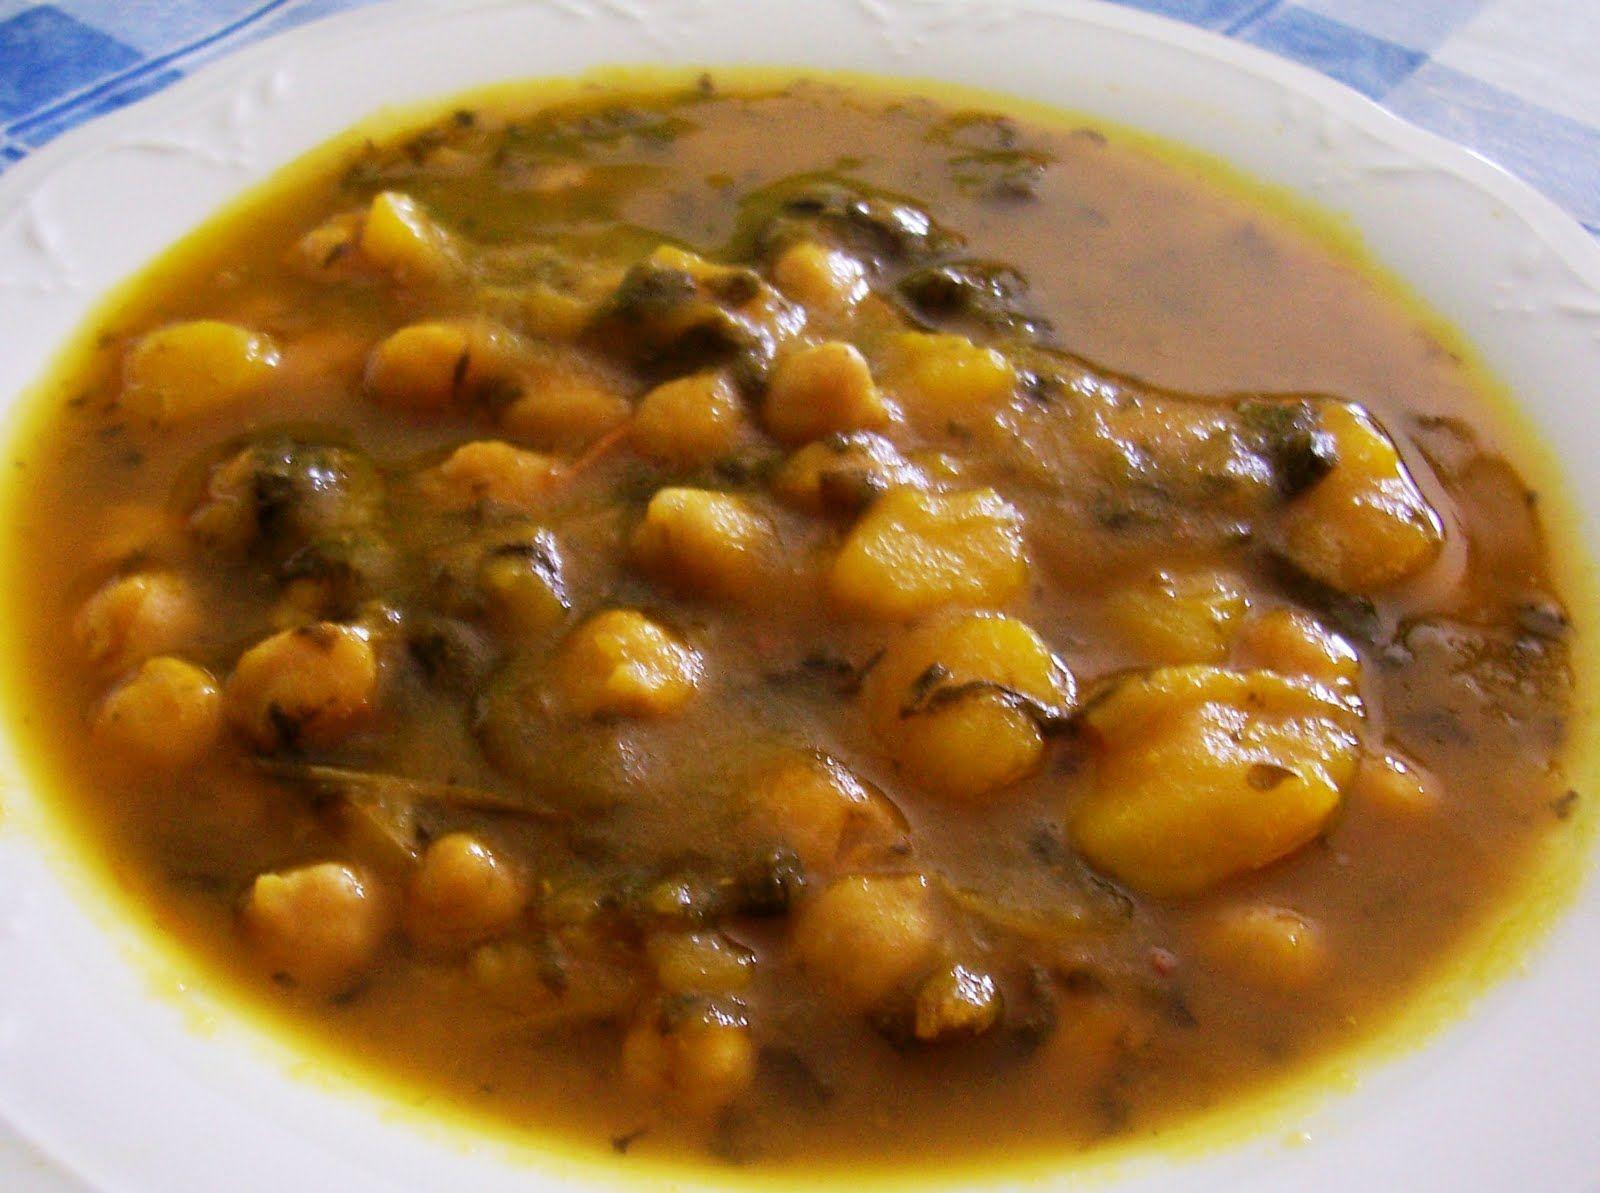 Blog De Cocina Casera | Blog Sobre Cocina Y Reposteria Tradicional De Toda La Vida Para